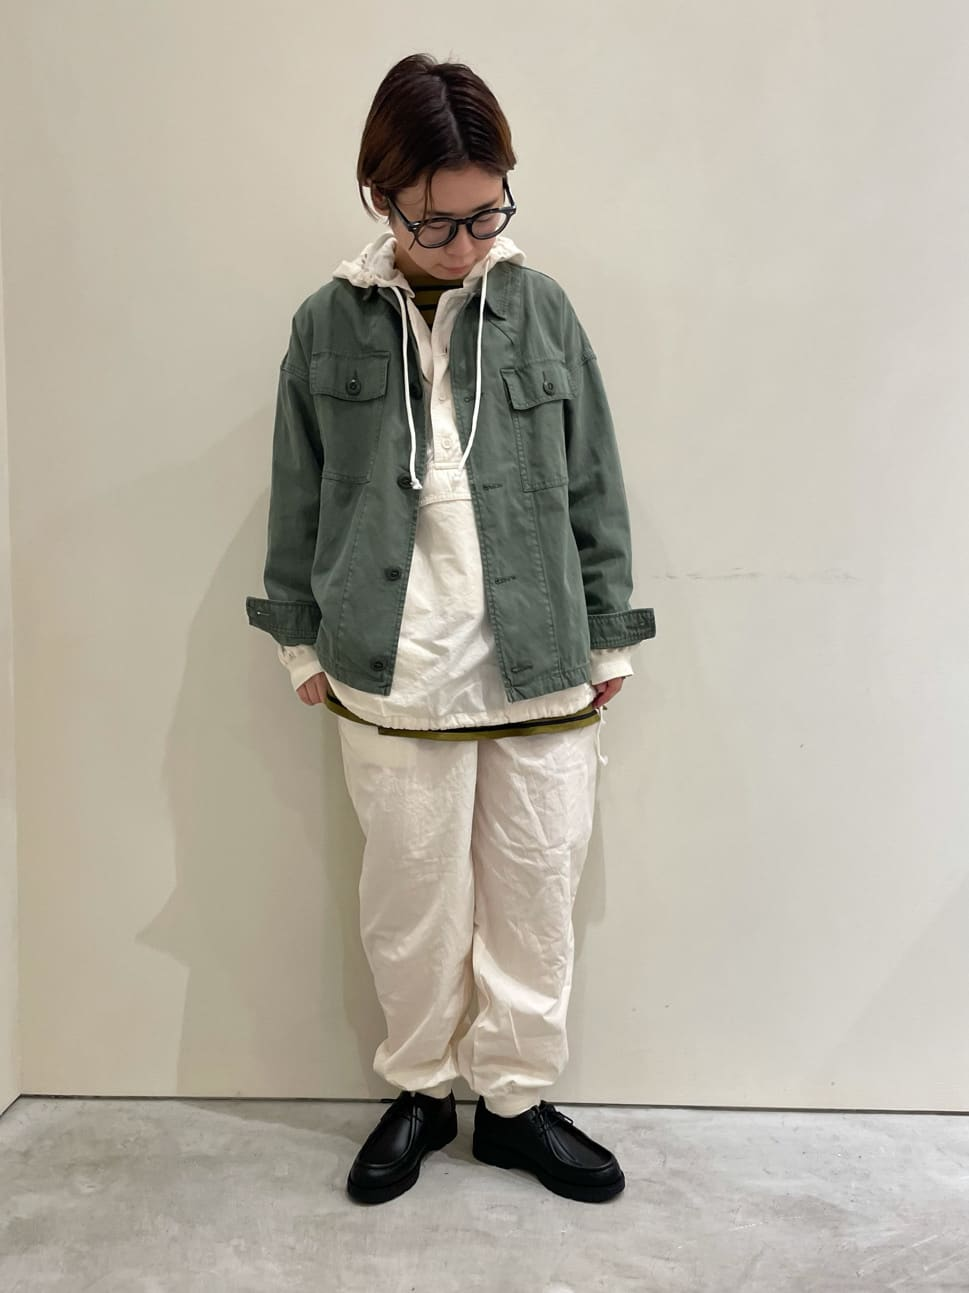 - CHILD WOMAN CHILD WOMAN , PAR ICI 新宿ミロード 身長:157cm 2021.09.25